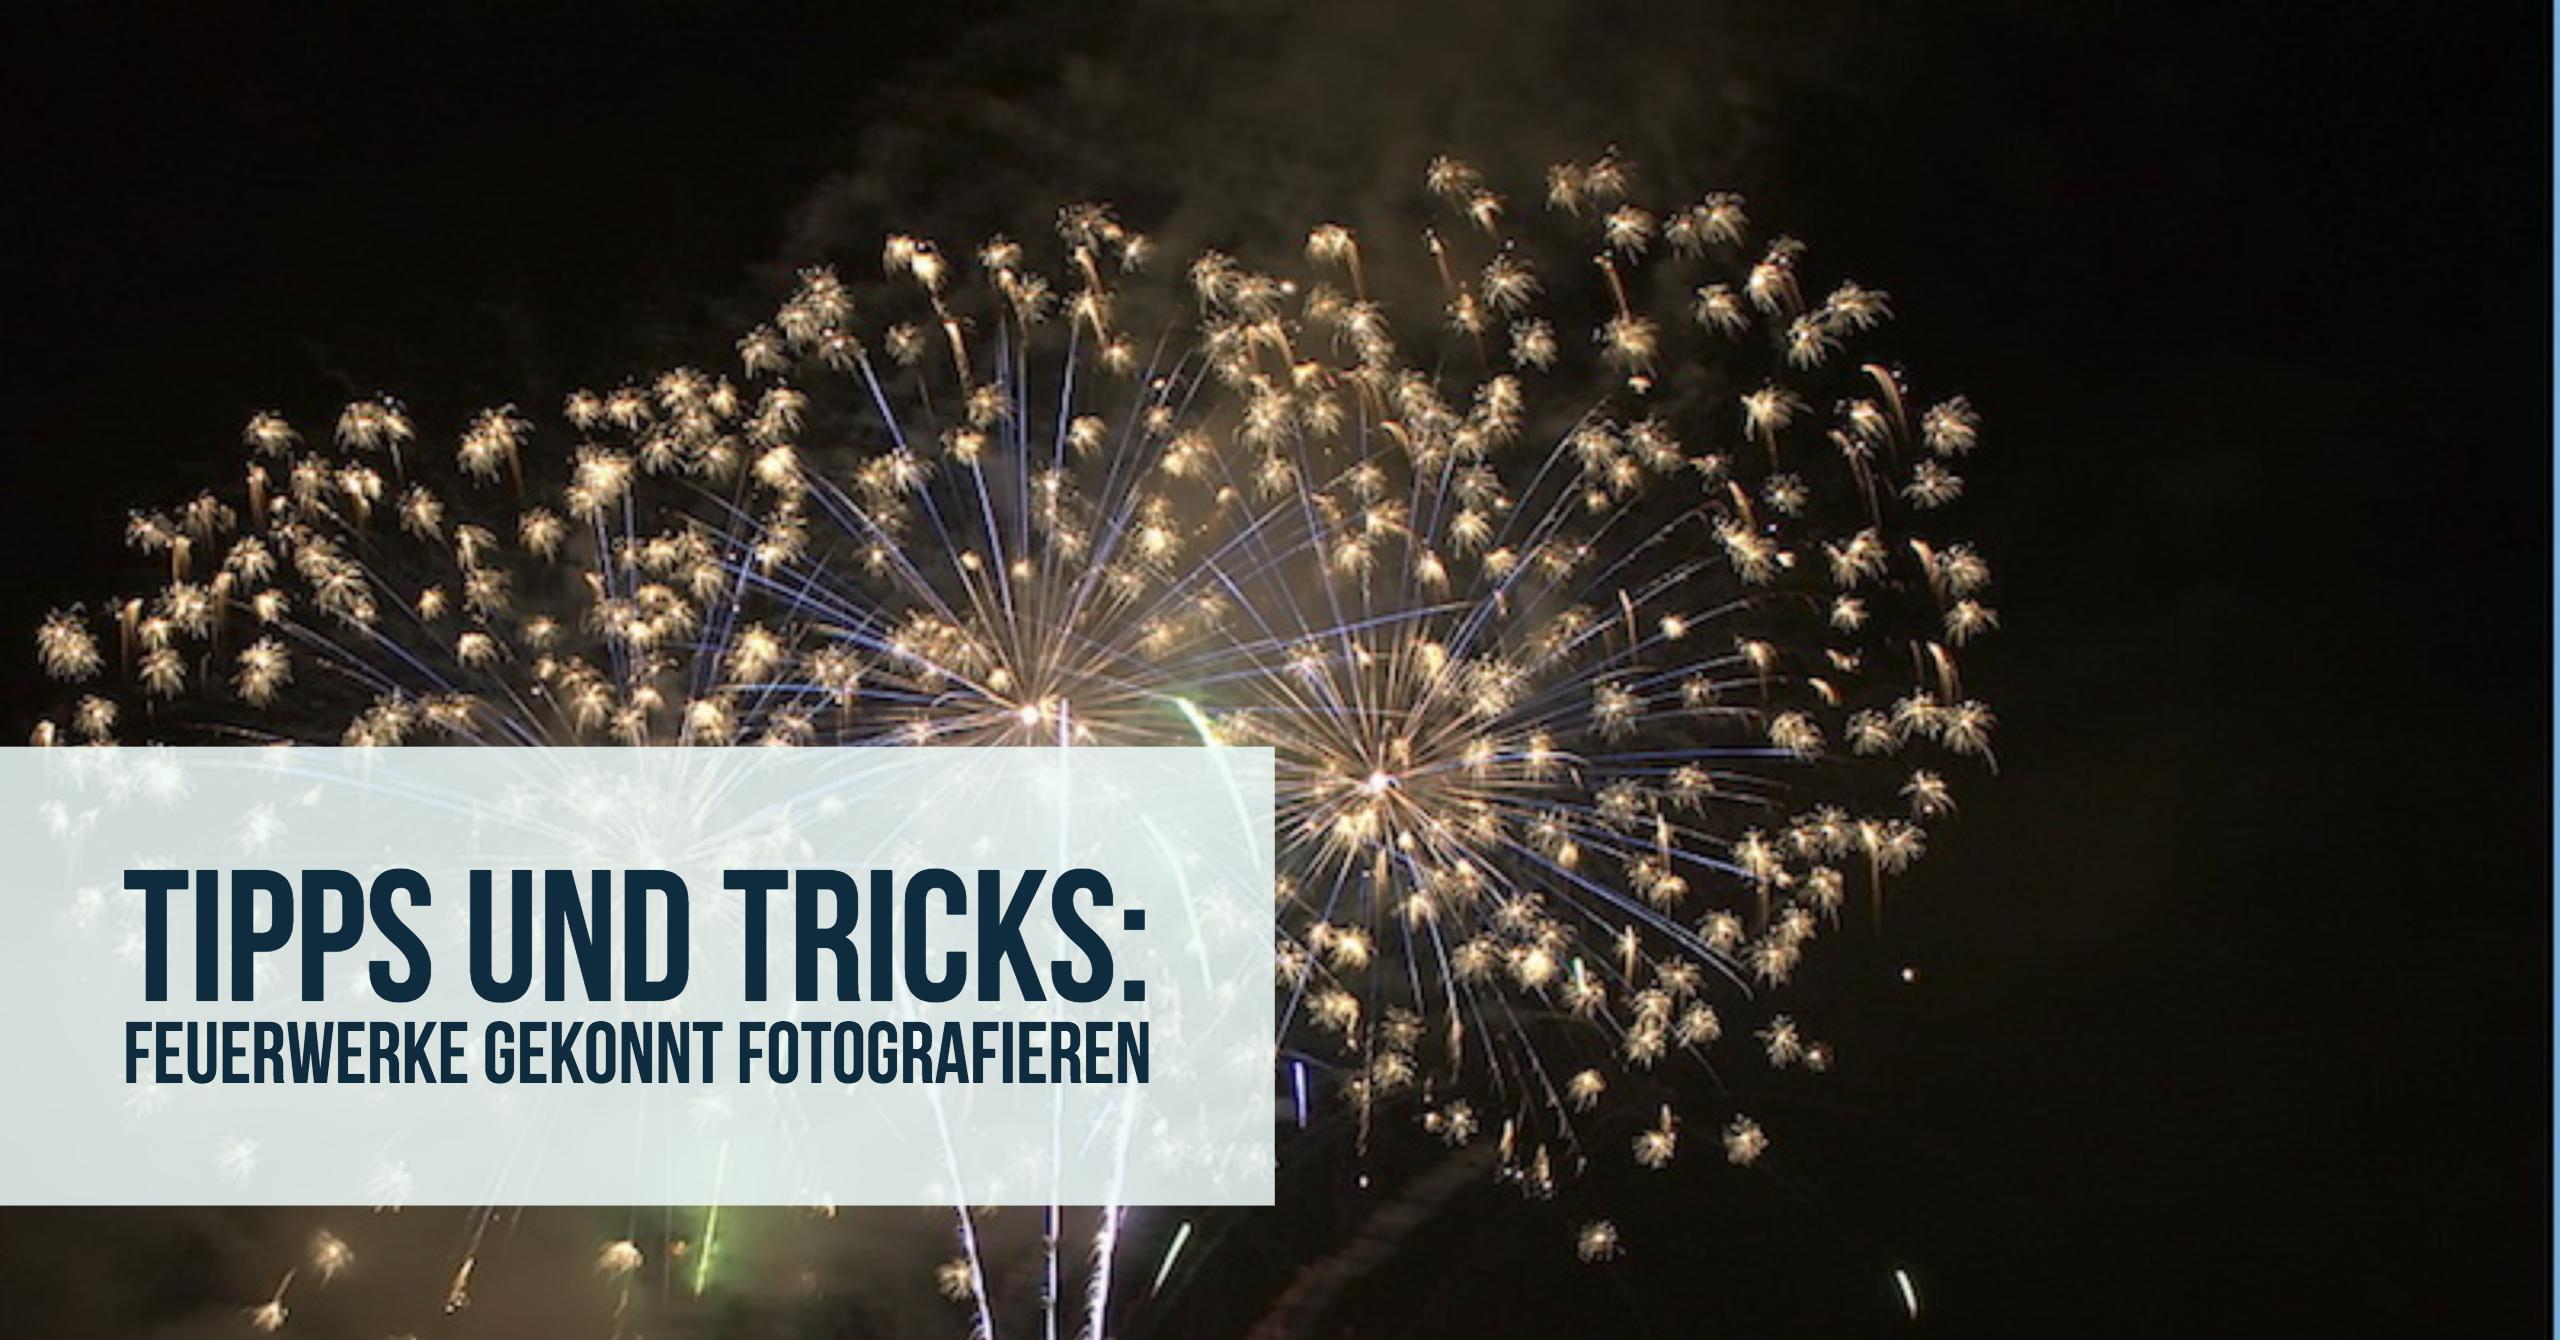 tipps-tricks-feuerwerke-gekonnt-fotografieren